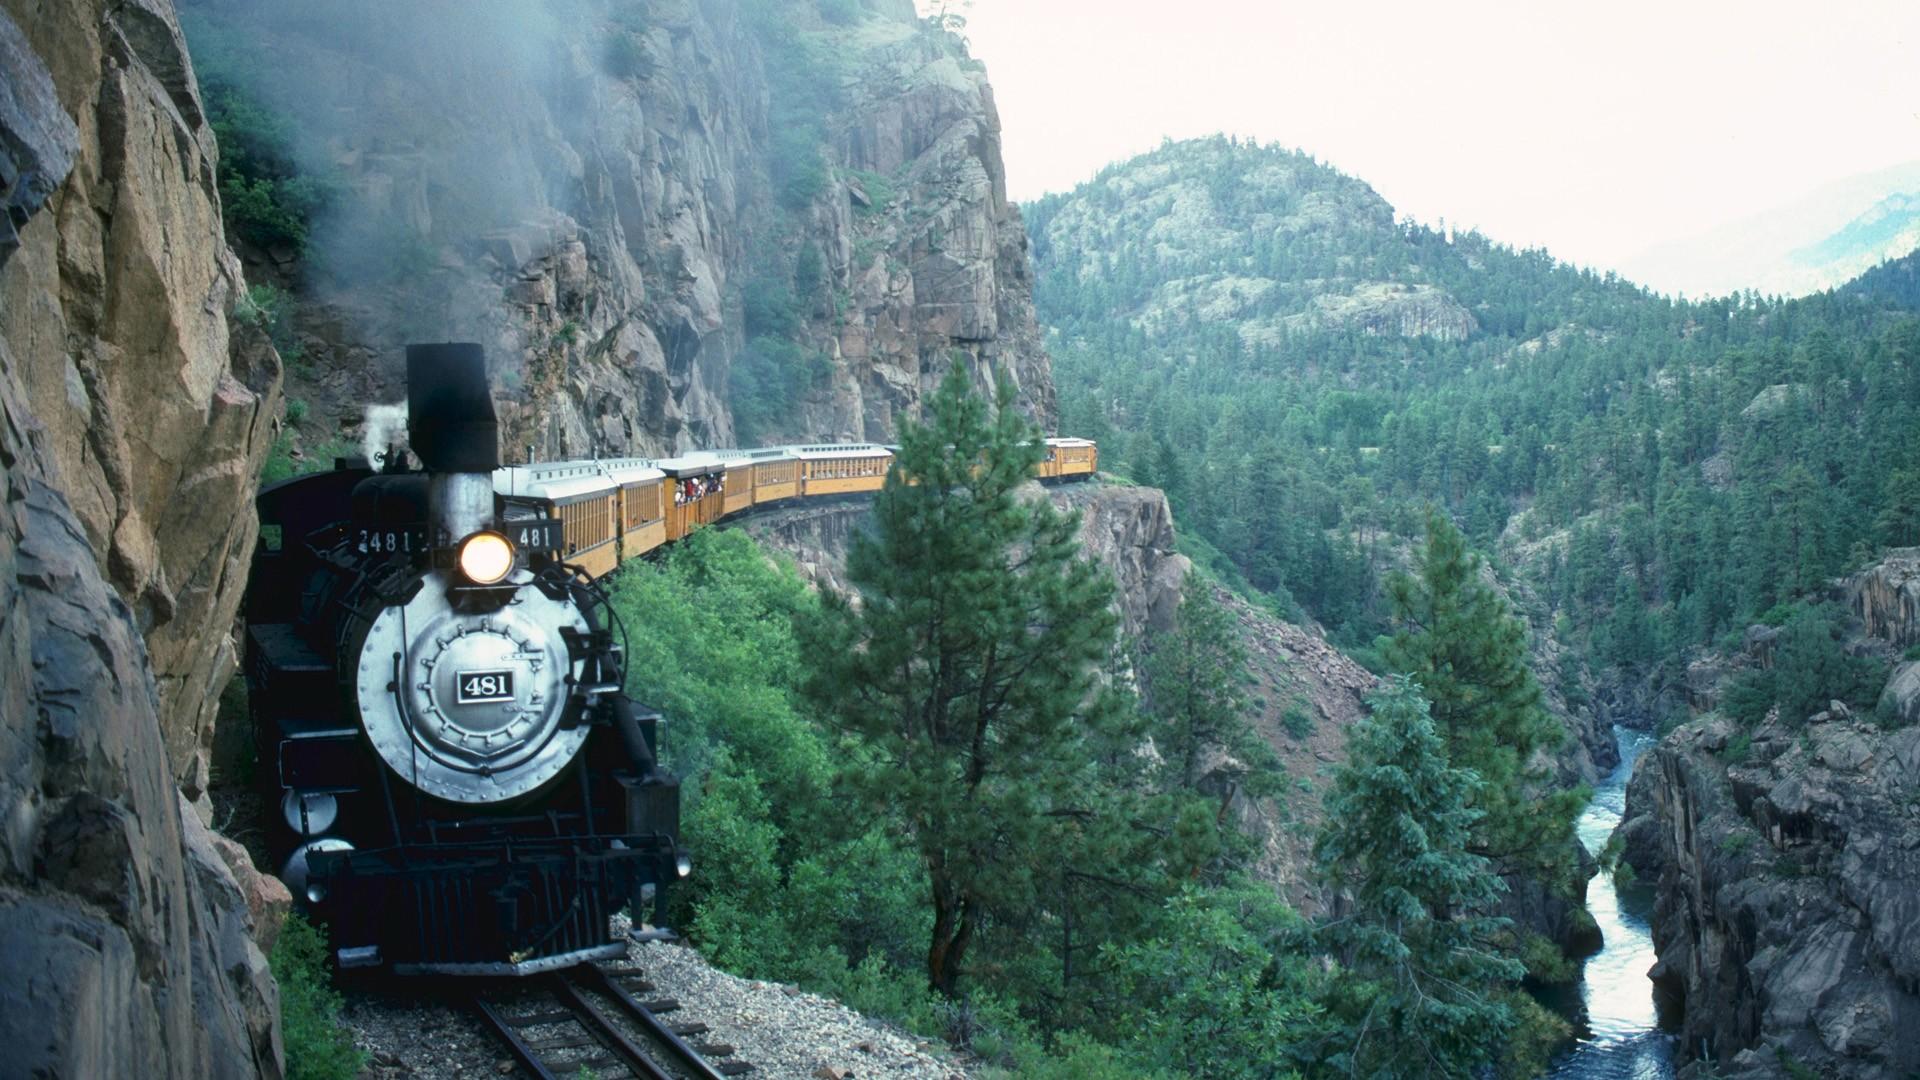 Gauge Colorado Wallpaper 1920x1080 Gauge Colorado Line 1920x1080